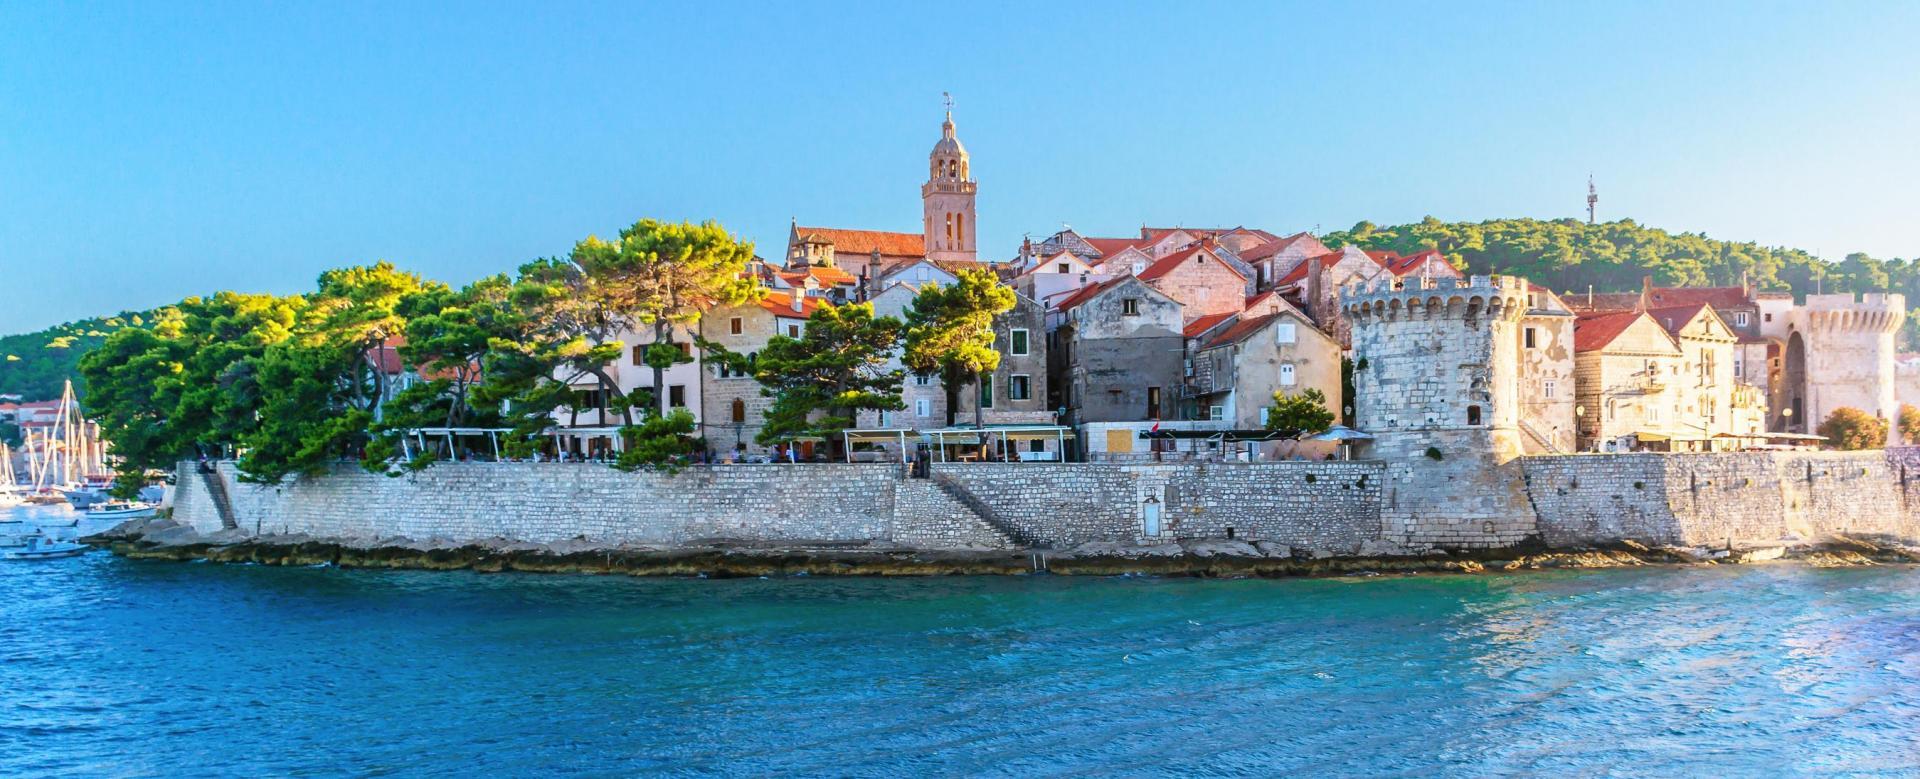 Voyage à pied : Les îles croates de split à dubrovnik